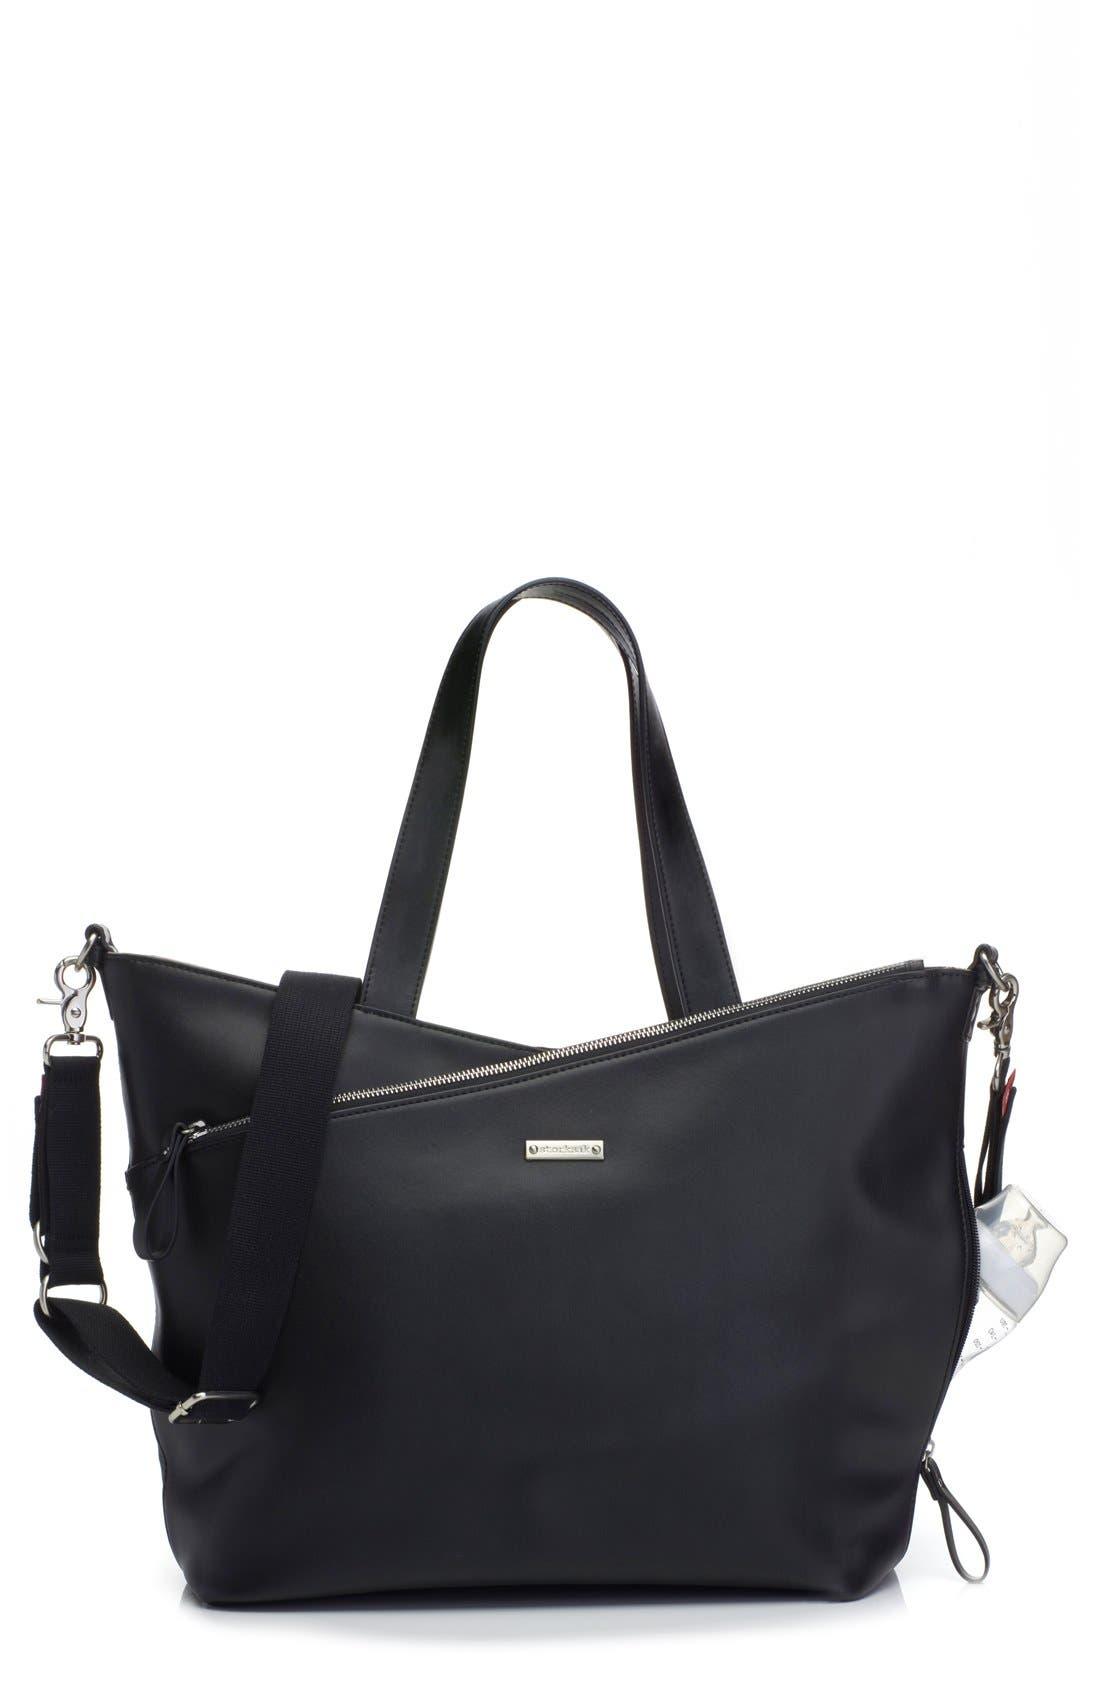 'Lucinda' Diaper Bag Leather Tote,                         Main,                         color,